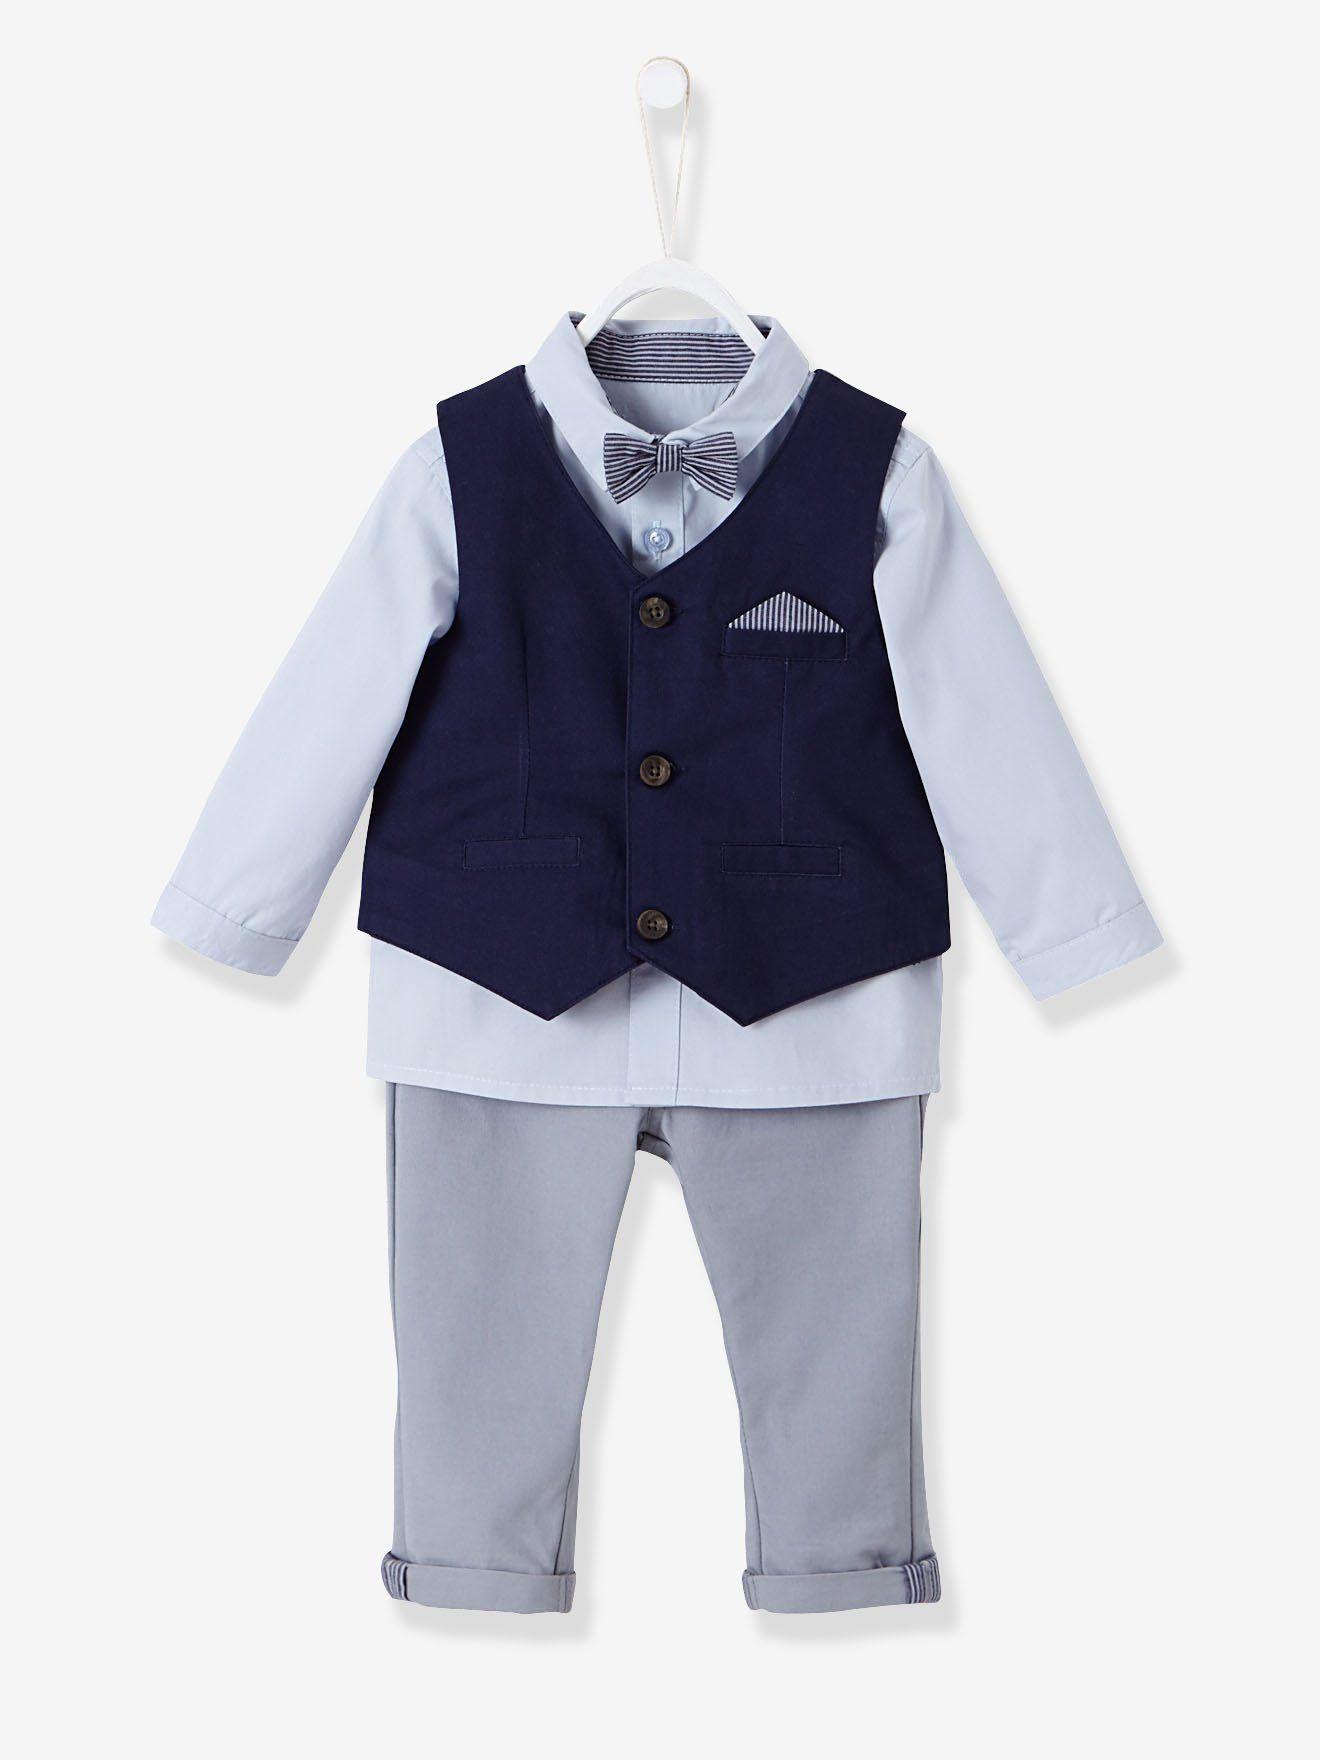 Ensemble bébé garçon cérémonie gilet chemise noeud papillon pantalon  encre gris bleu clair - d3c684898d6